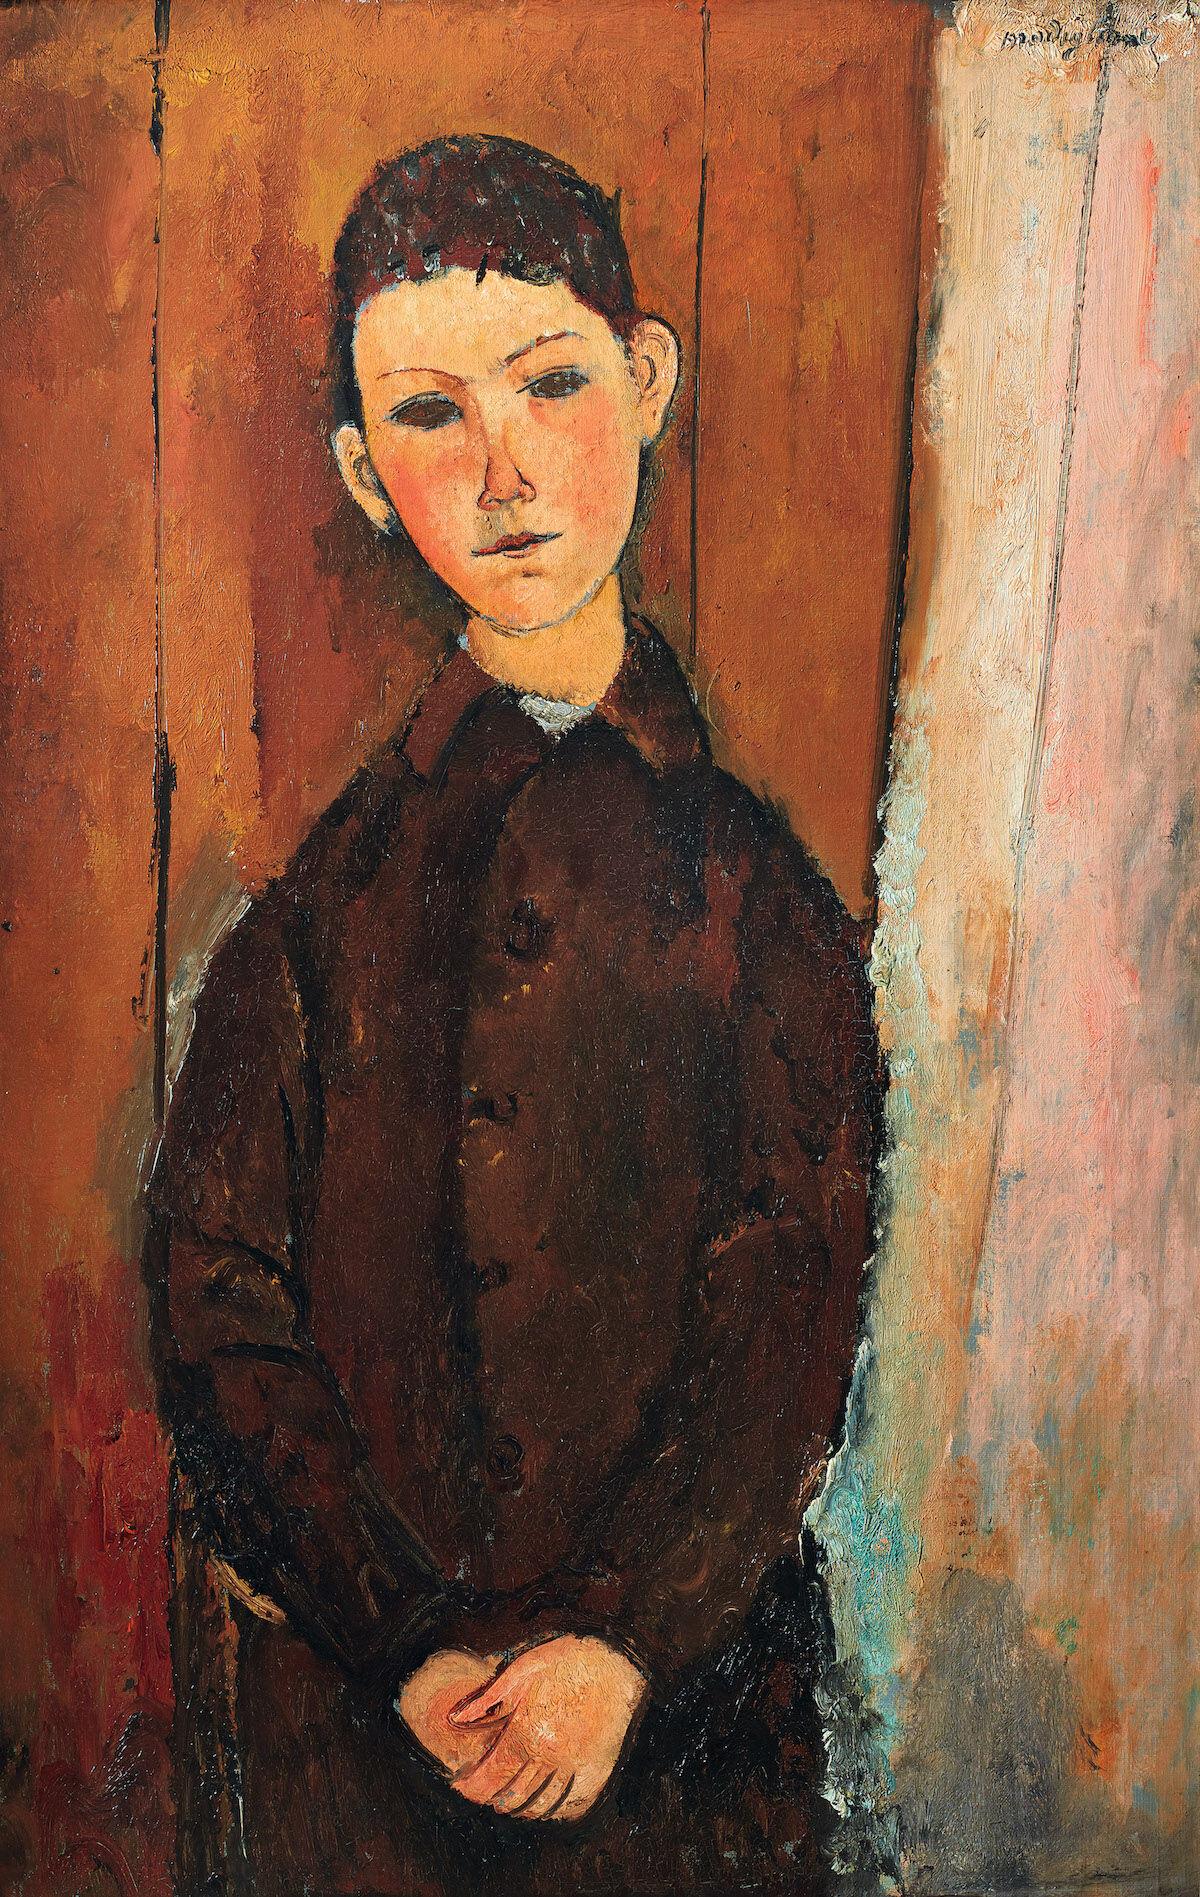 Amedeo Modigliani, Jeune homme assis, les mains croisées sur less genoux, 1918, oil on canvas. Est. £16 million–24 million. Courtesy Sotheby's.